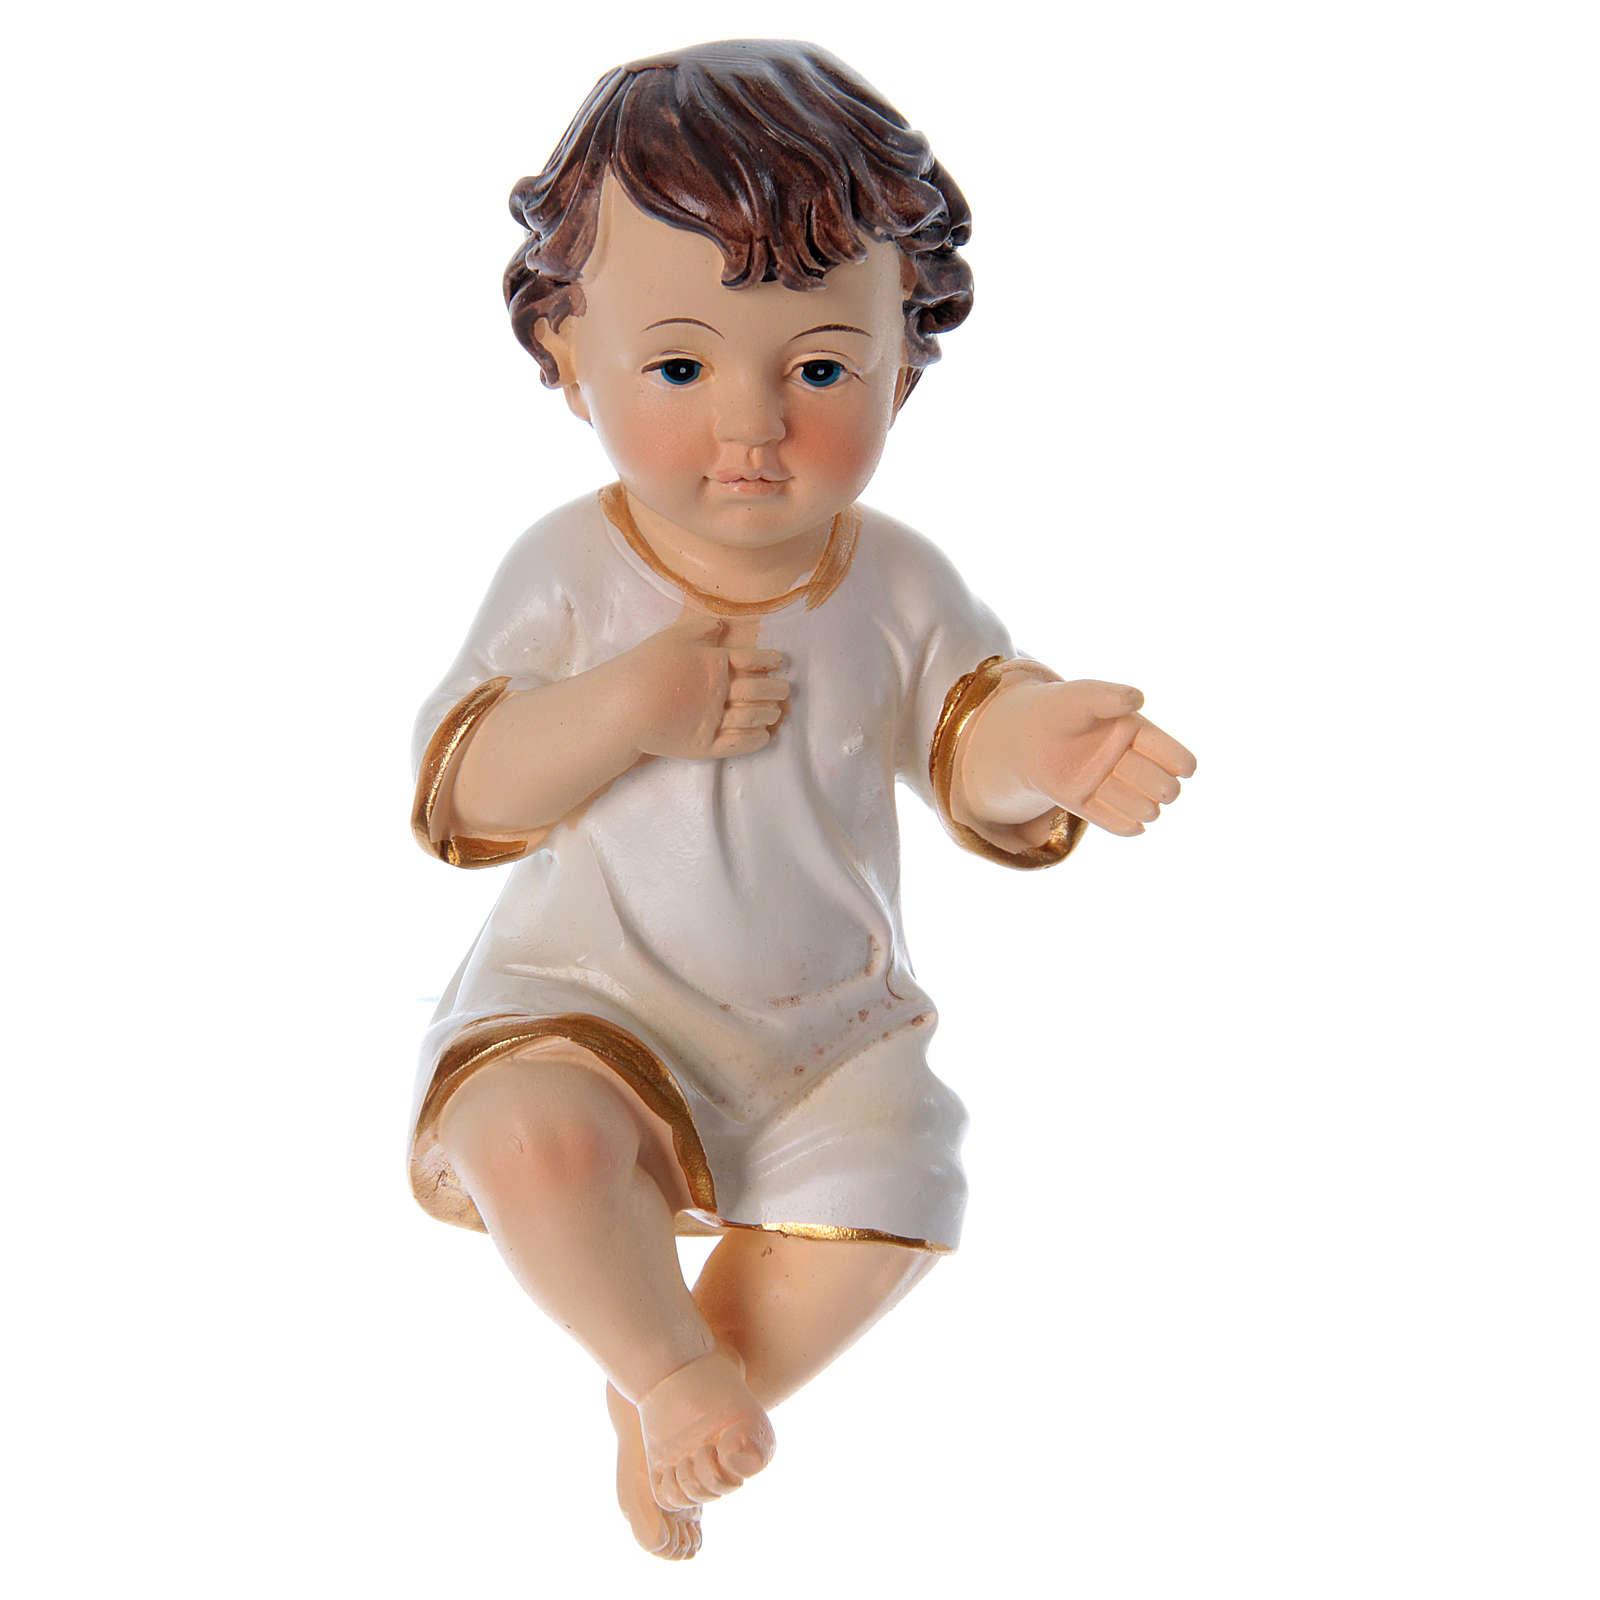 Enfant Jésus robe blanche h réelle 10 cm en résine 3